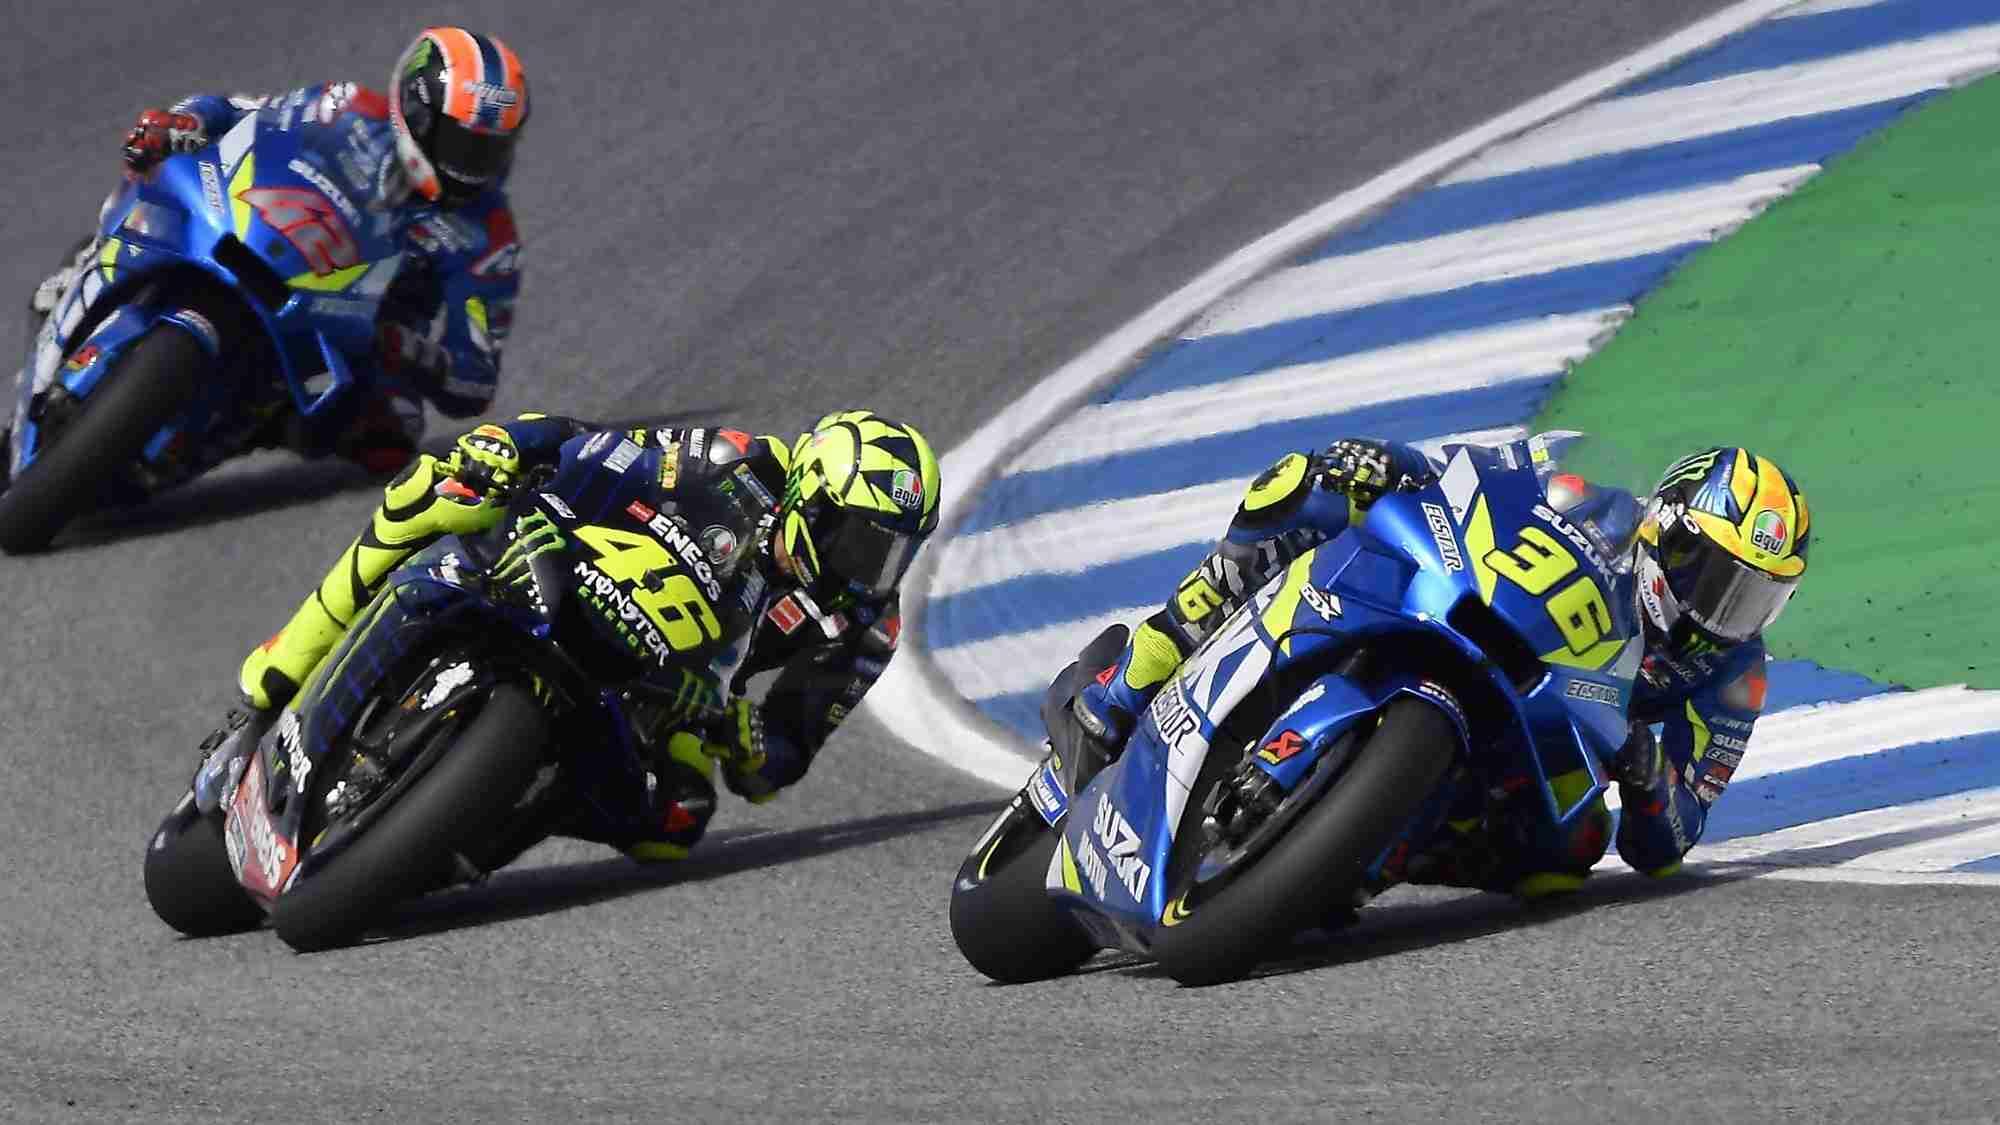 Joan Mir - Valentino Rossi - MotoGP HD wallpaper Buriram